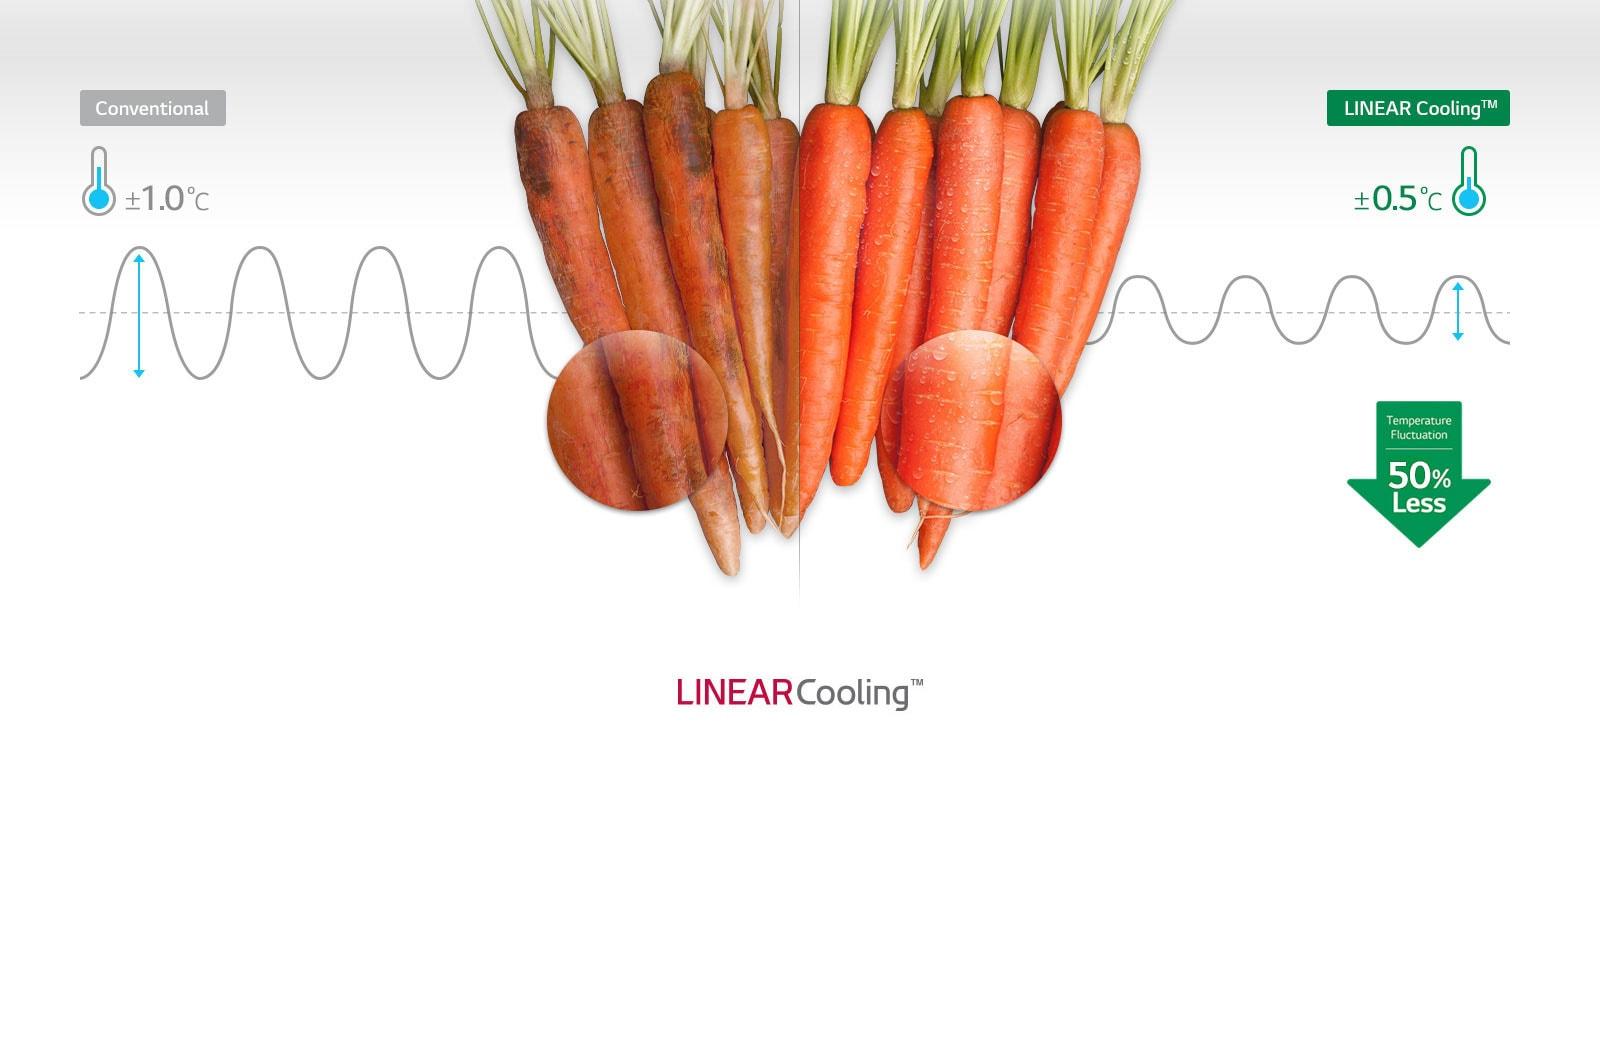 LT18CBBSLN_LINEAR-Cooling_05122018_D_v